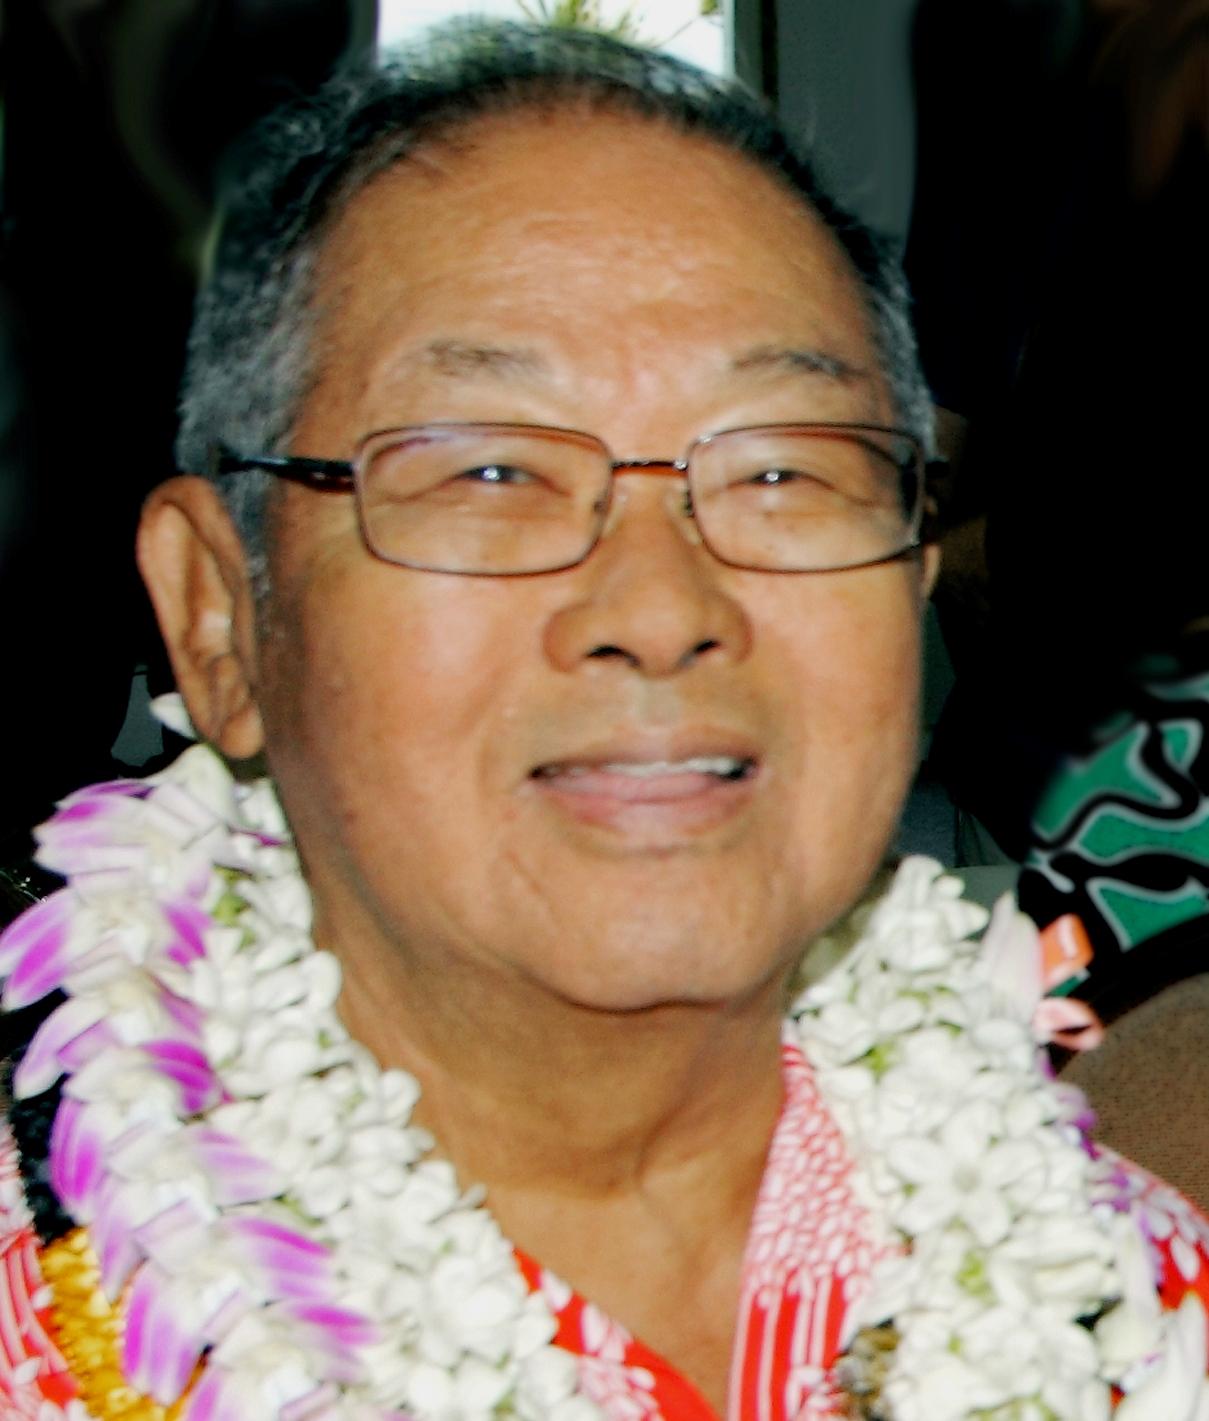 CHARLES MASARU NAKAMURA